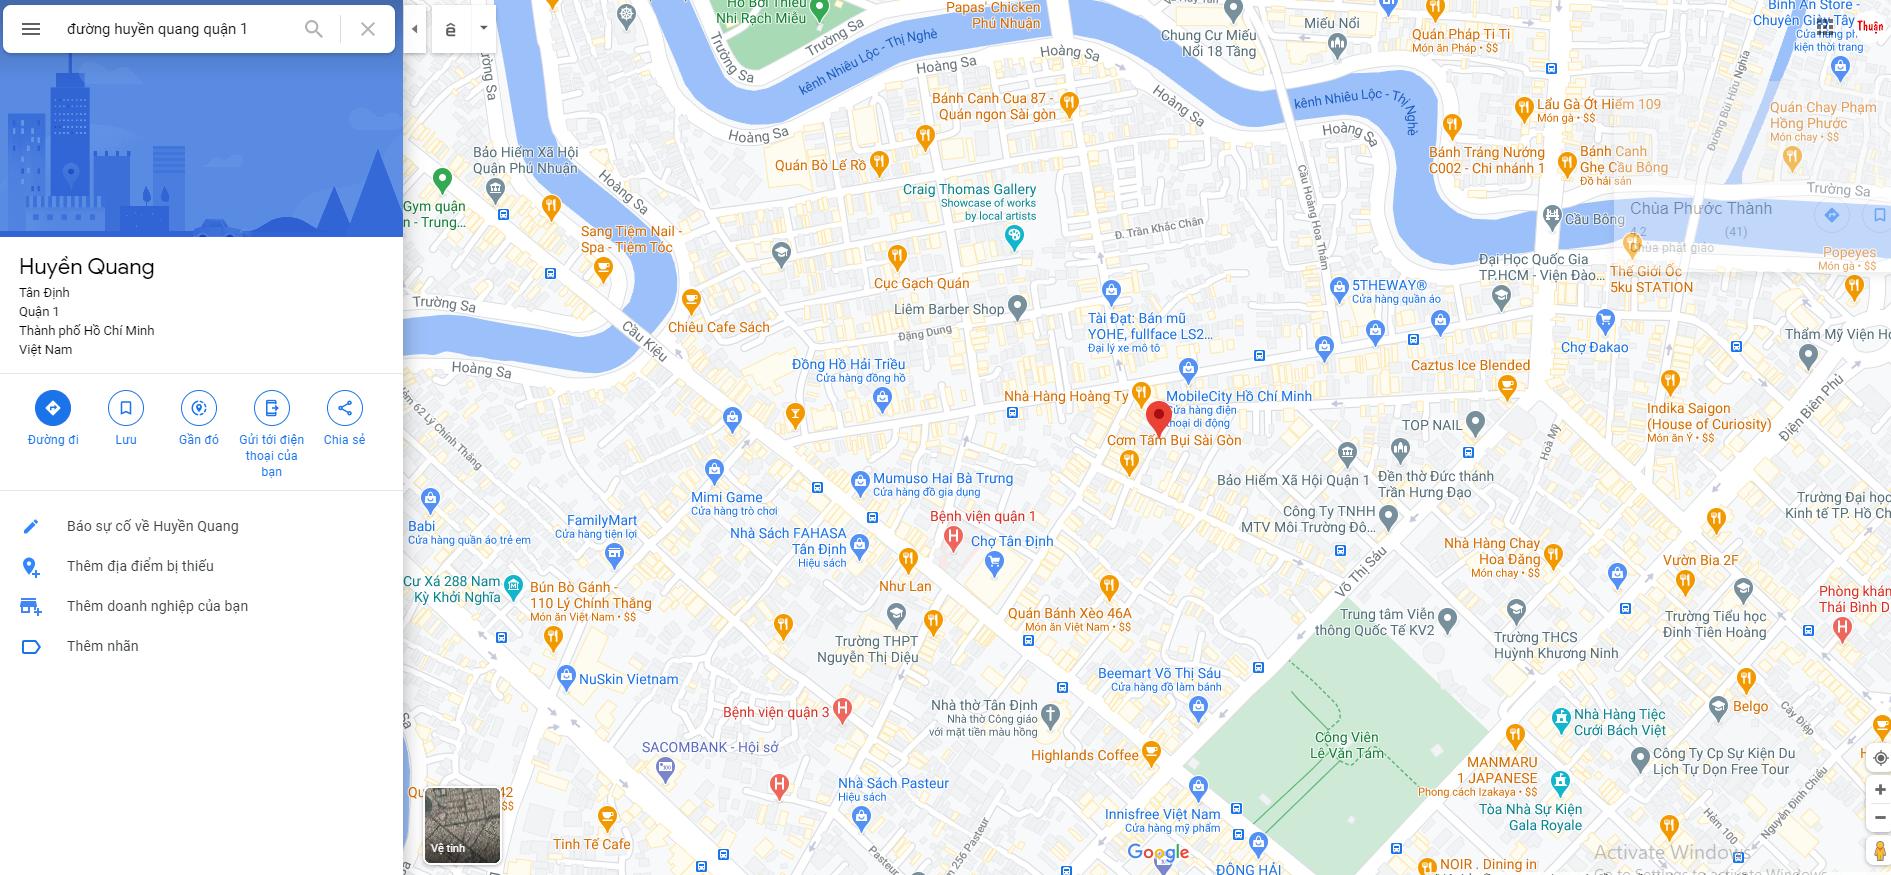 Đường Huyền Quang tại Quận 1